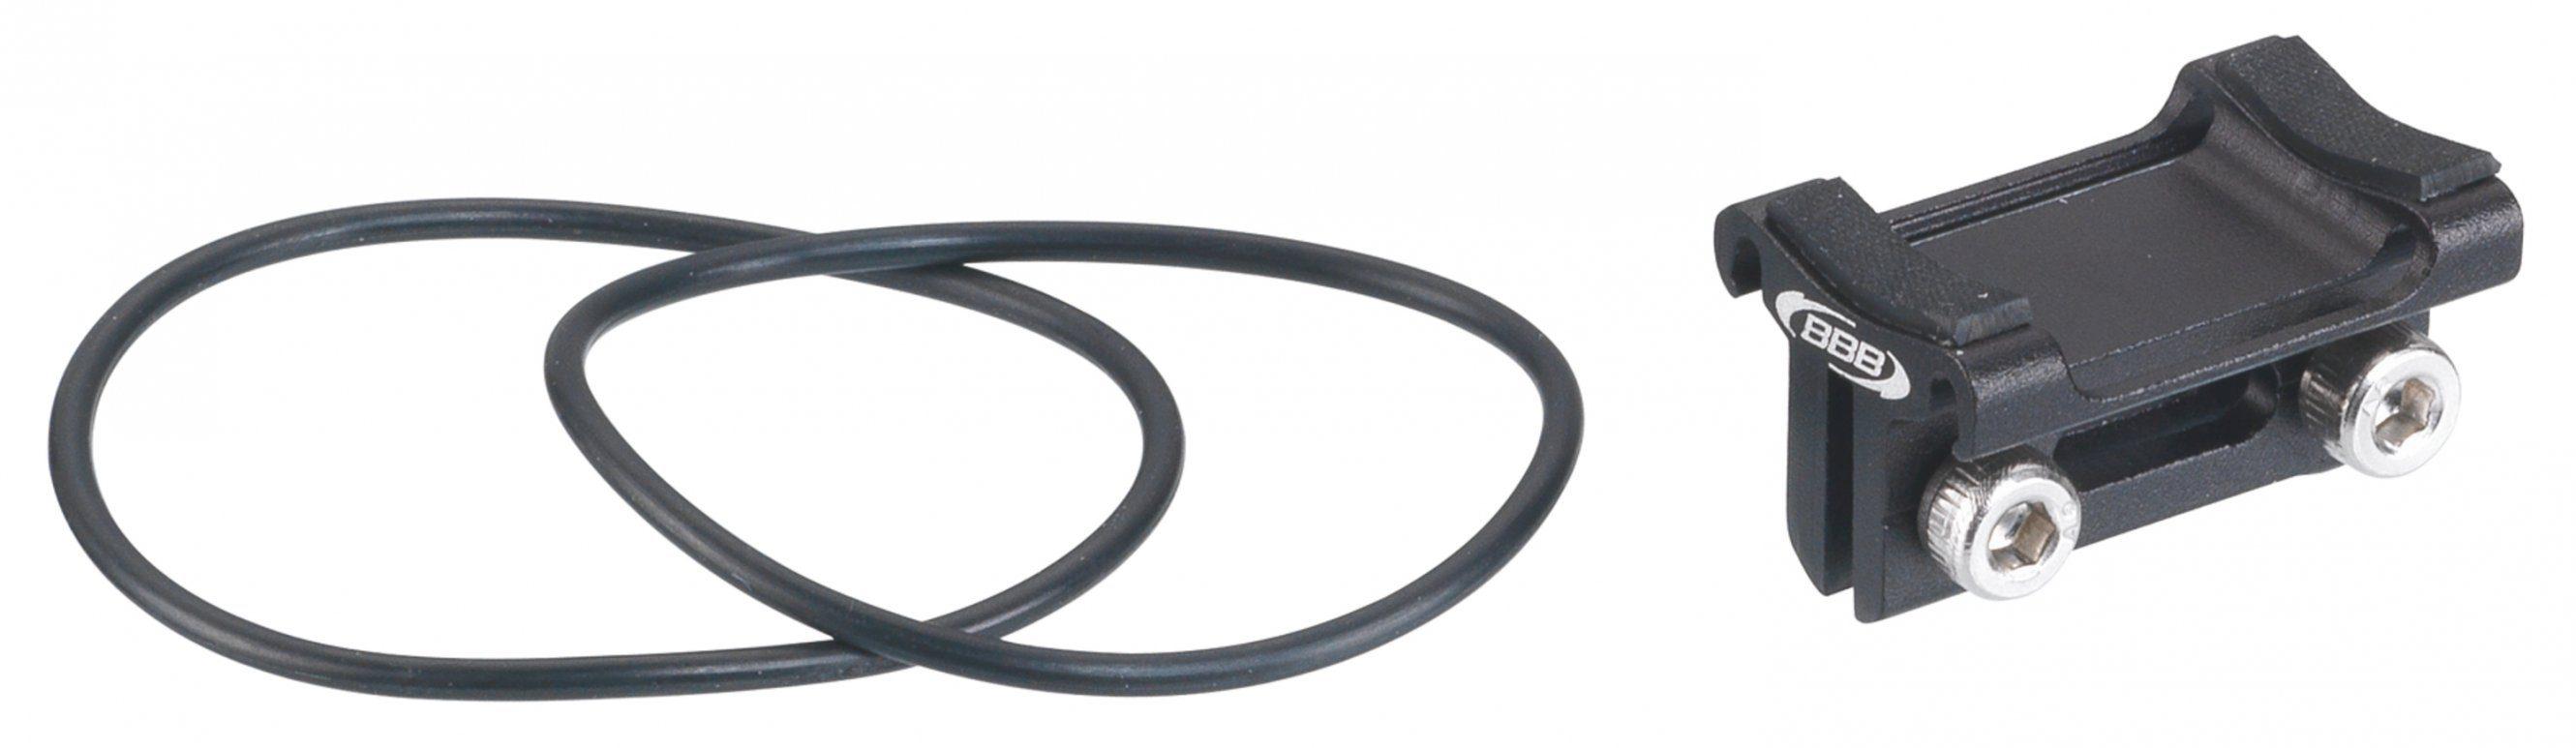 BBB Fahrrad-Zubehör »BBB NumberFix BSP-95 Nummernhalterung matt-schwarz«